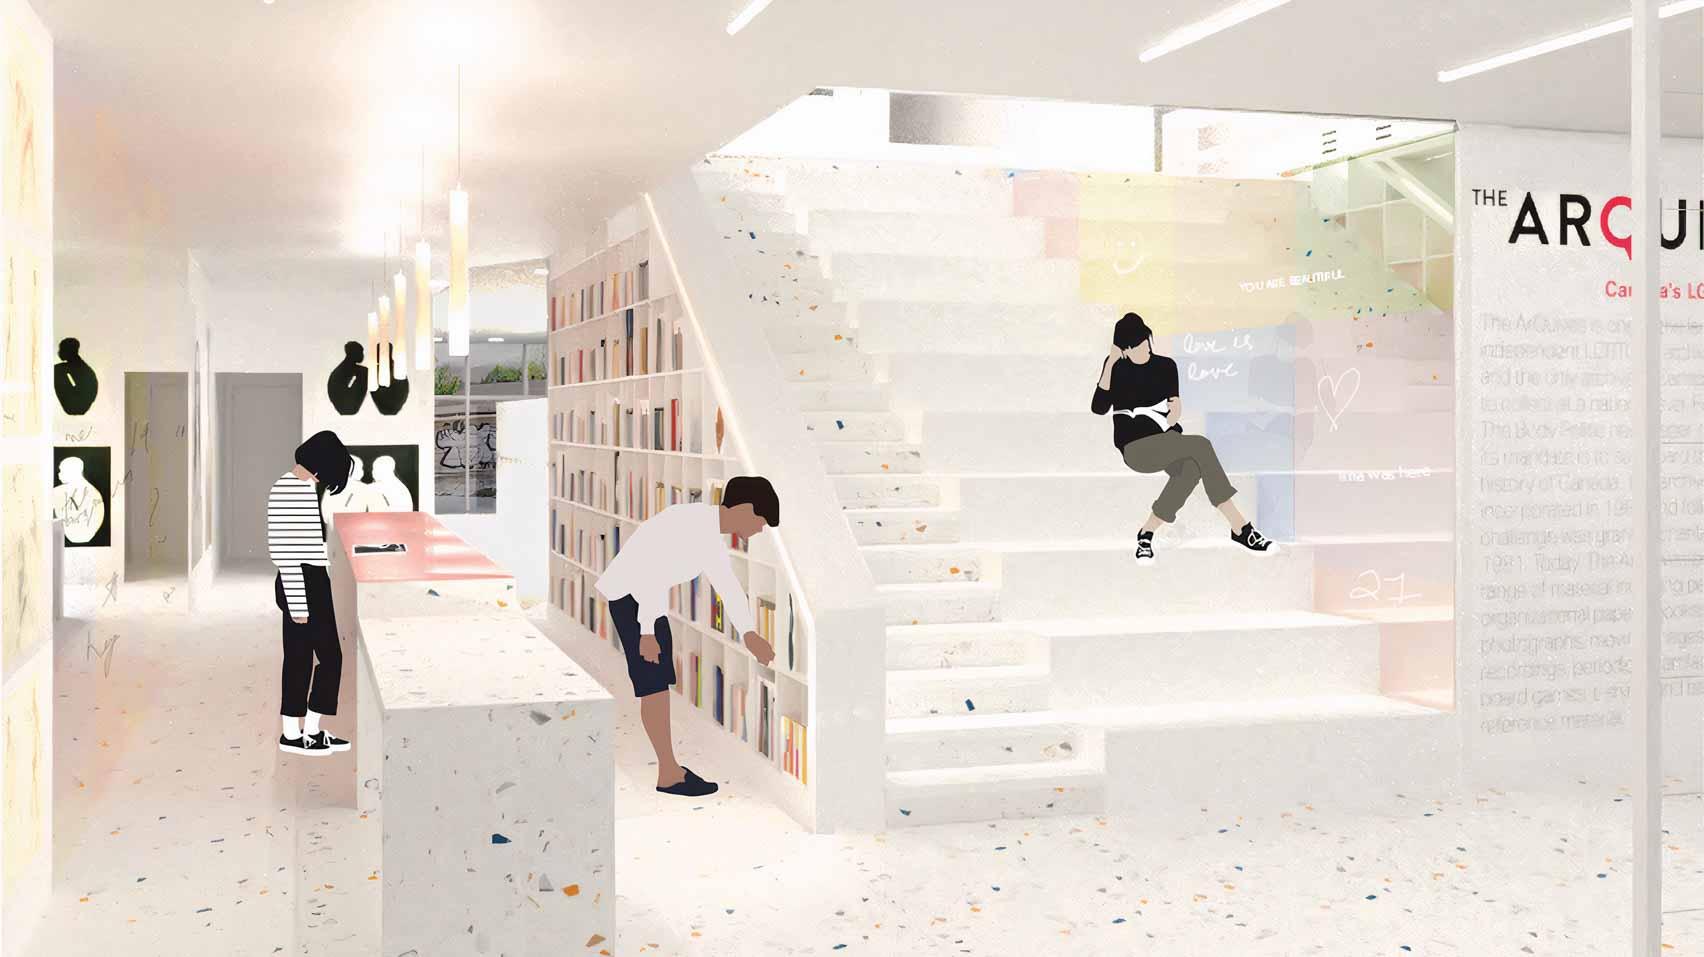 Десять дизайнерских проектов интерьера от студентов Университета Райерсона